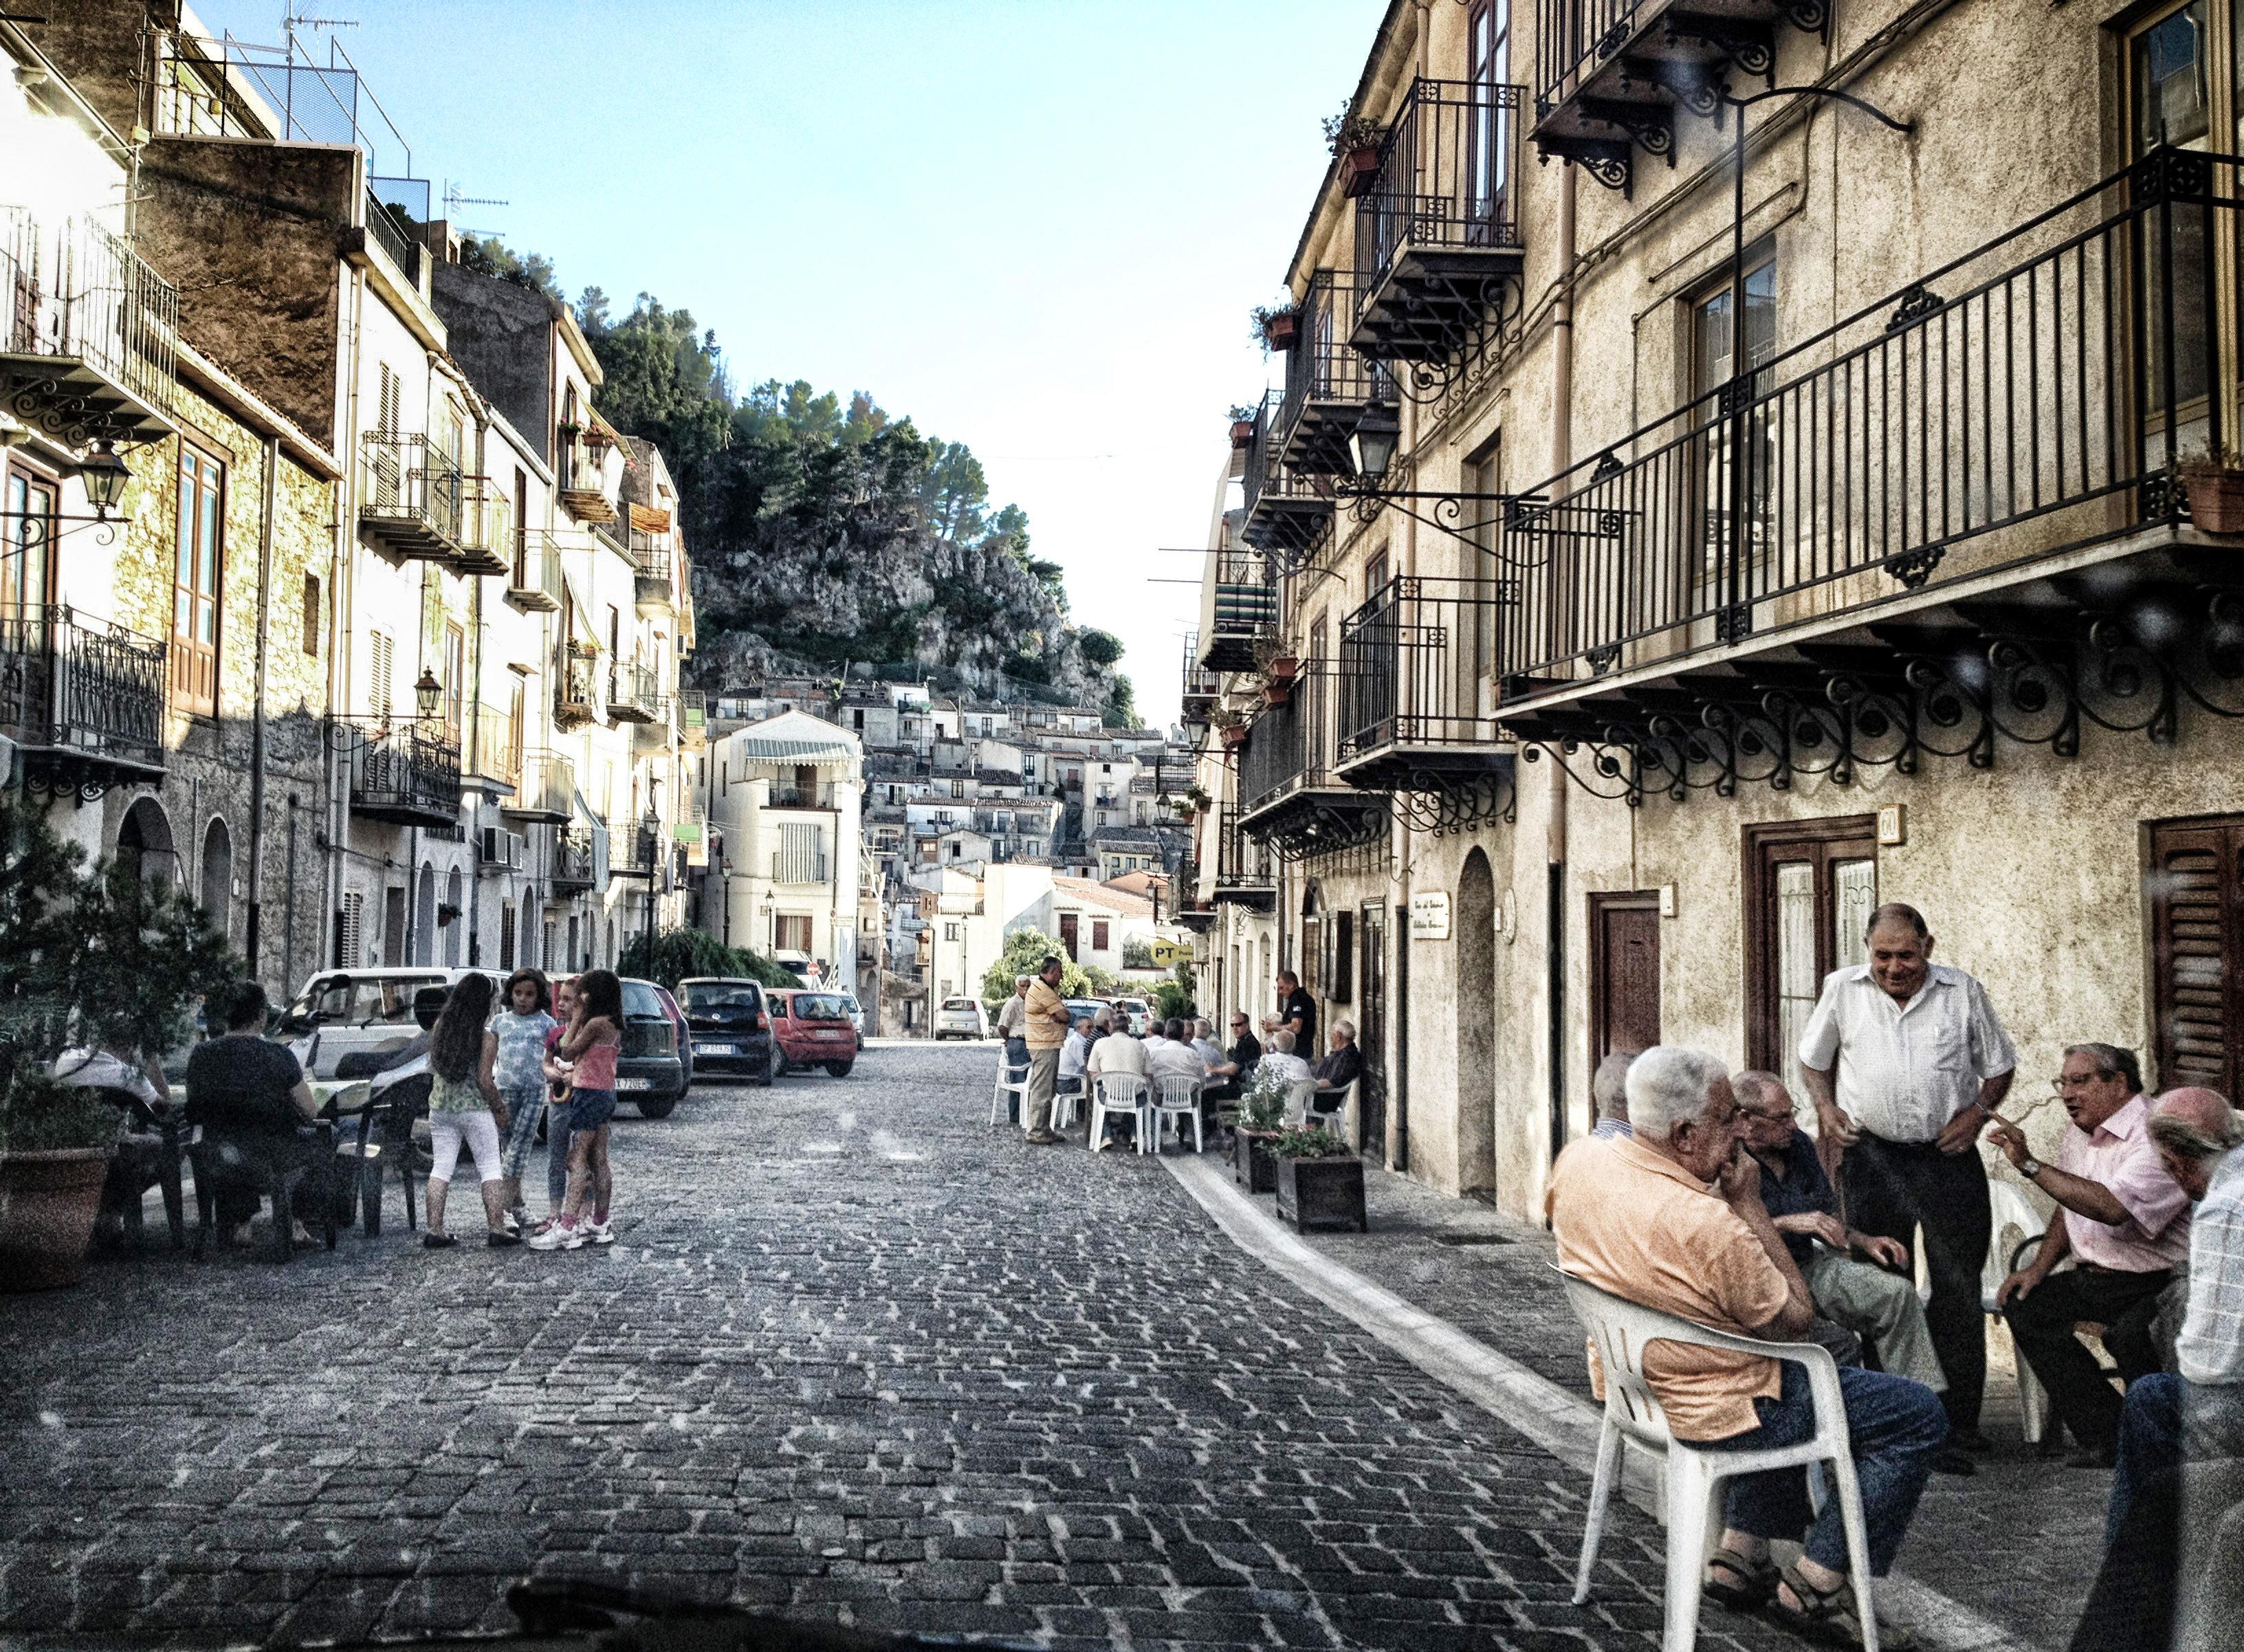 Sizilien-Urlaub-Rundreise-Orte-Dorf-Tipps